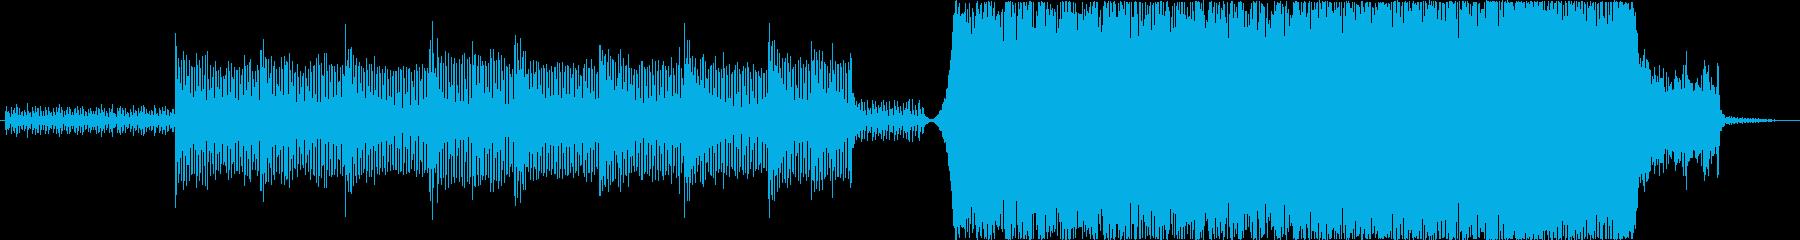 ストリングス、ブラス、ピアノ、E.Gの再生済みの波形